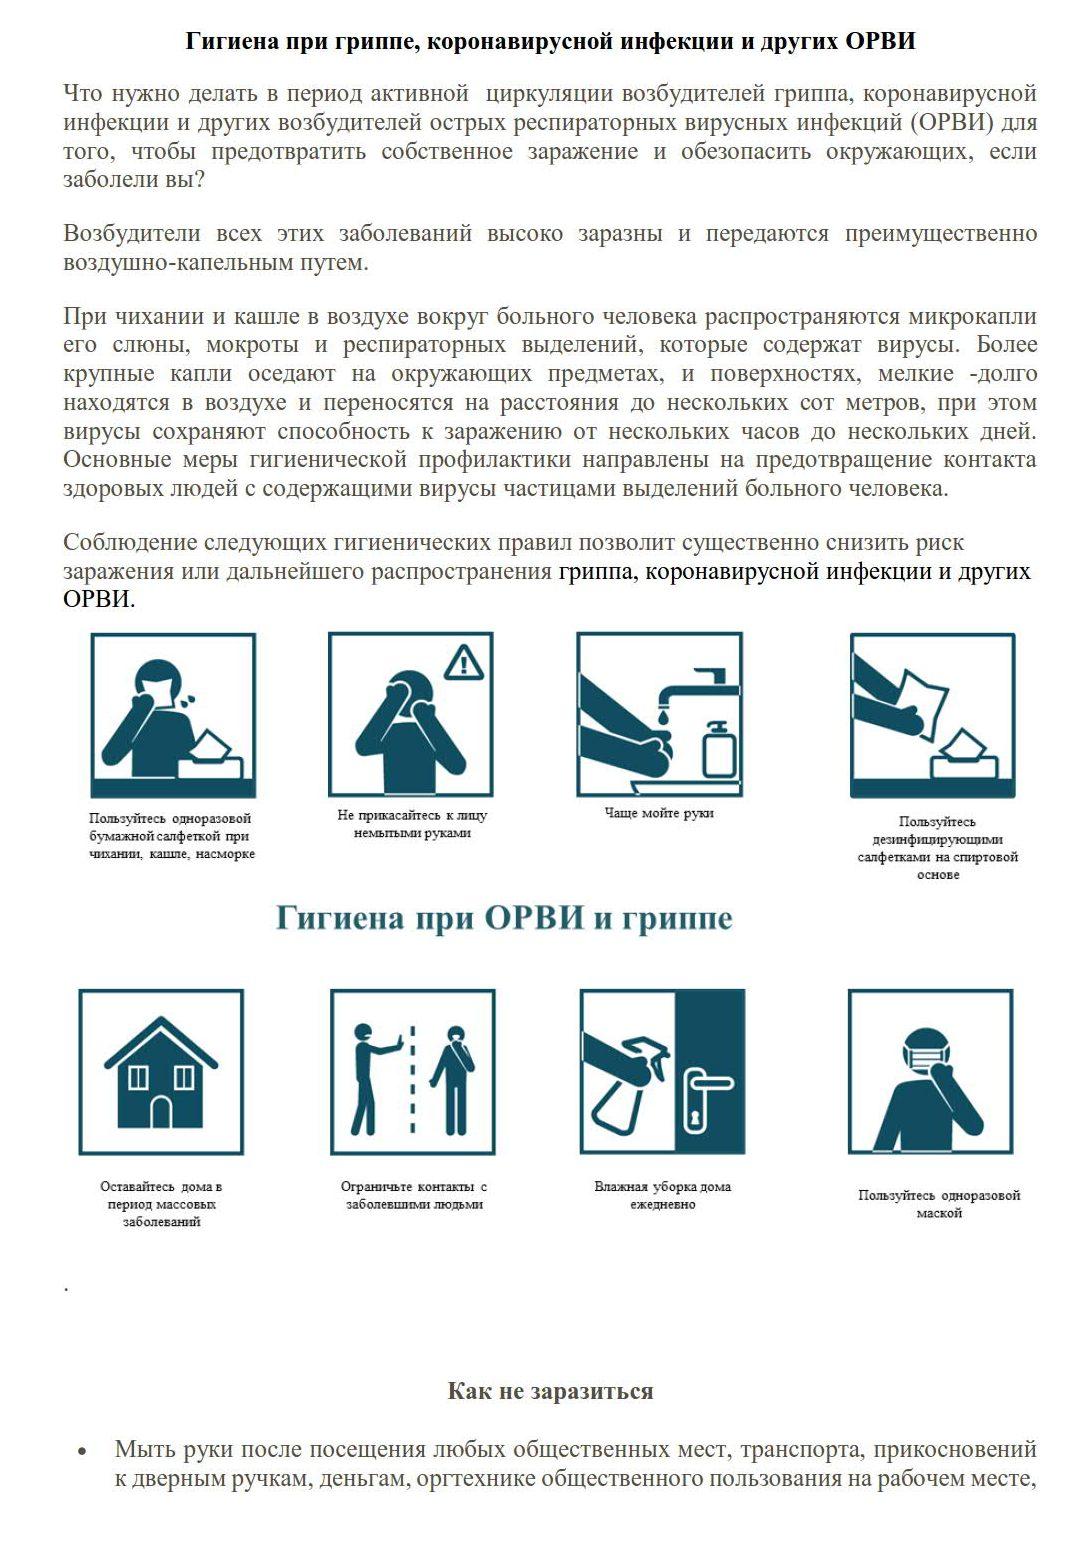 Гигиена при гриппе, коронавирусной мнфекции и других орви 30.01.2020_1